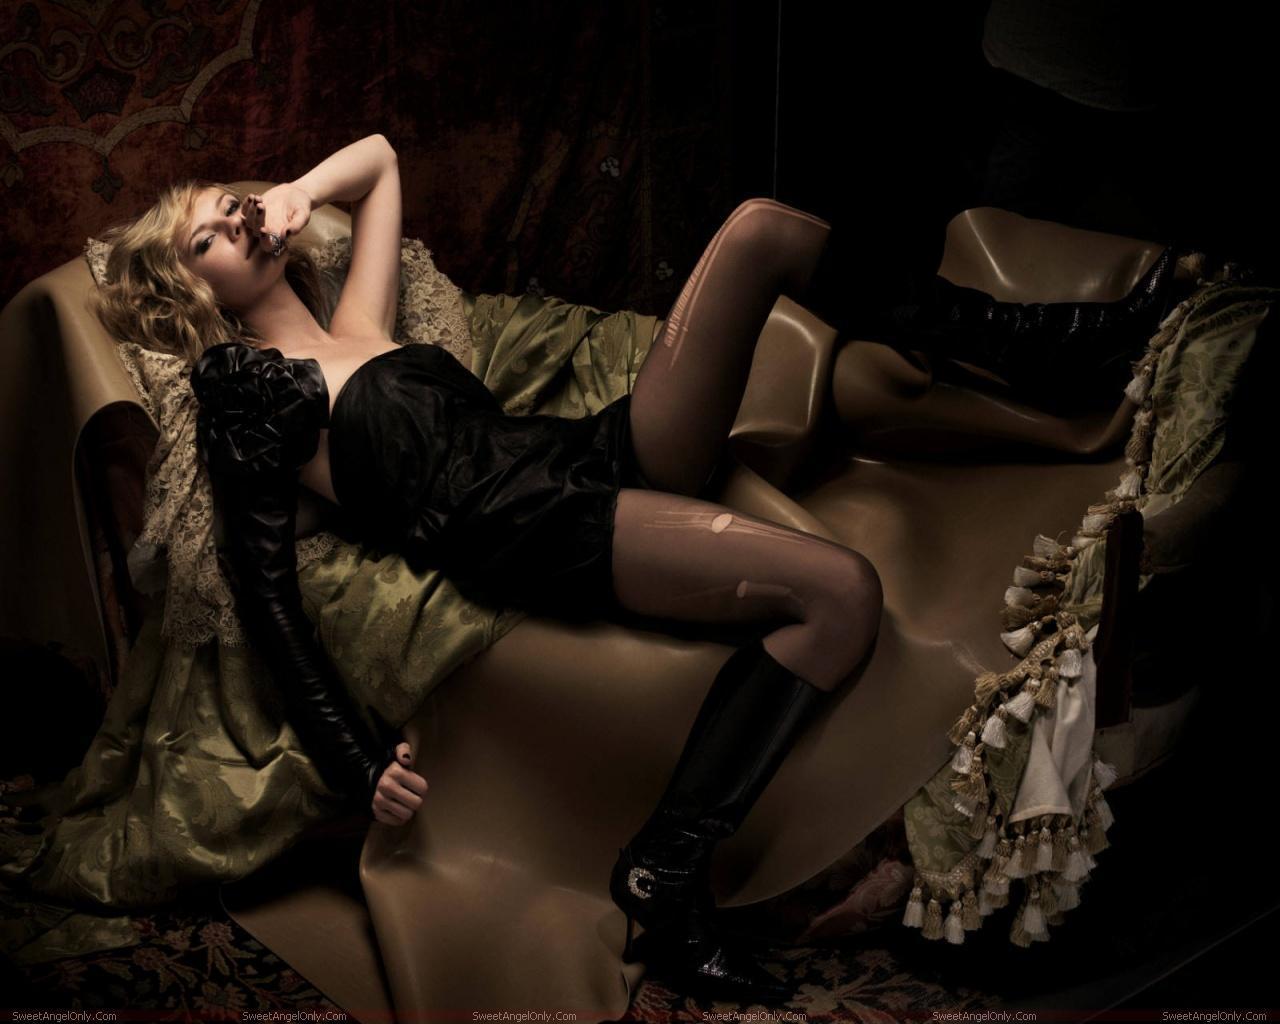 http://1.bp.blogspot.com/-Hq4U2VAiaoY/TX38Y5XGhAI/AAAAAAAAFgc/eF6eEXY26co/s1600/actress_kirsten_dunst_hot_wallpaper_sweetangelonly_15.jpg